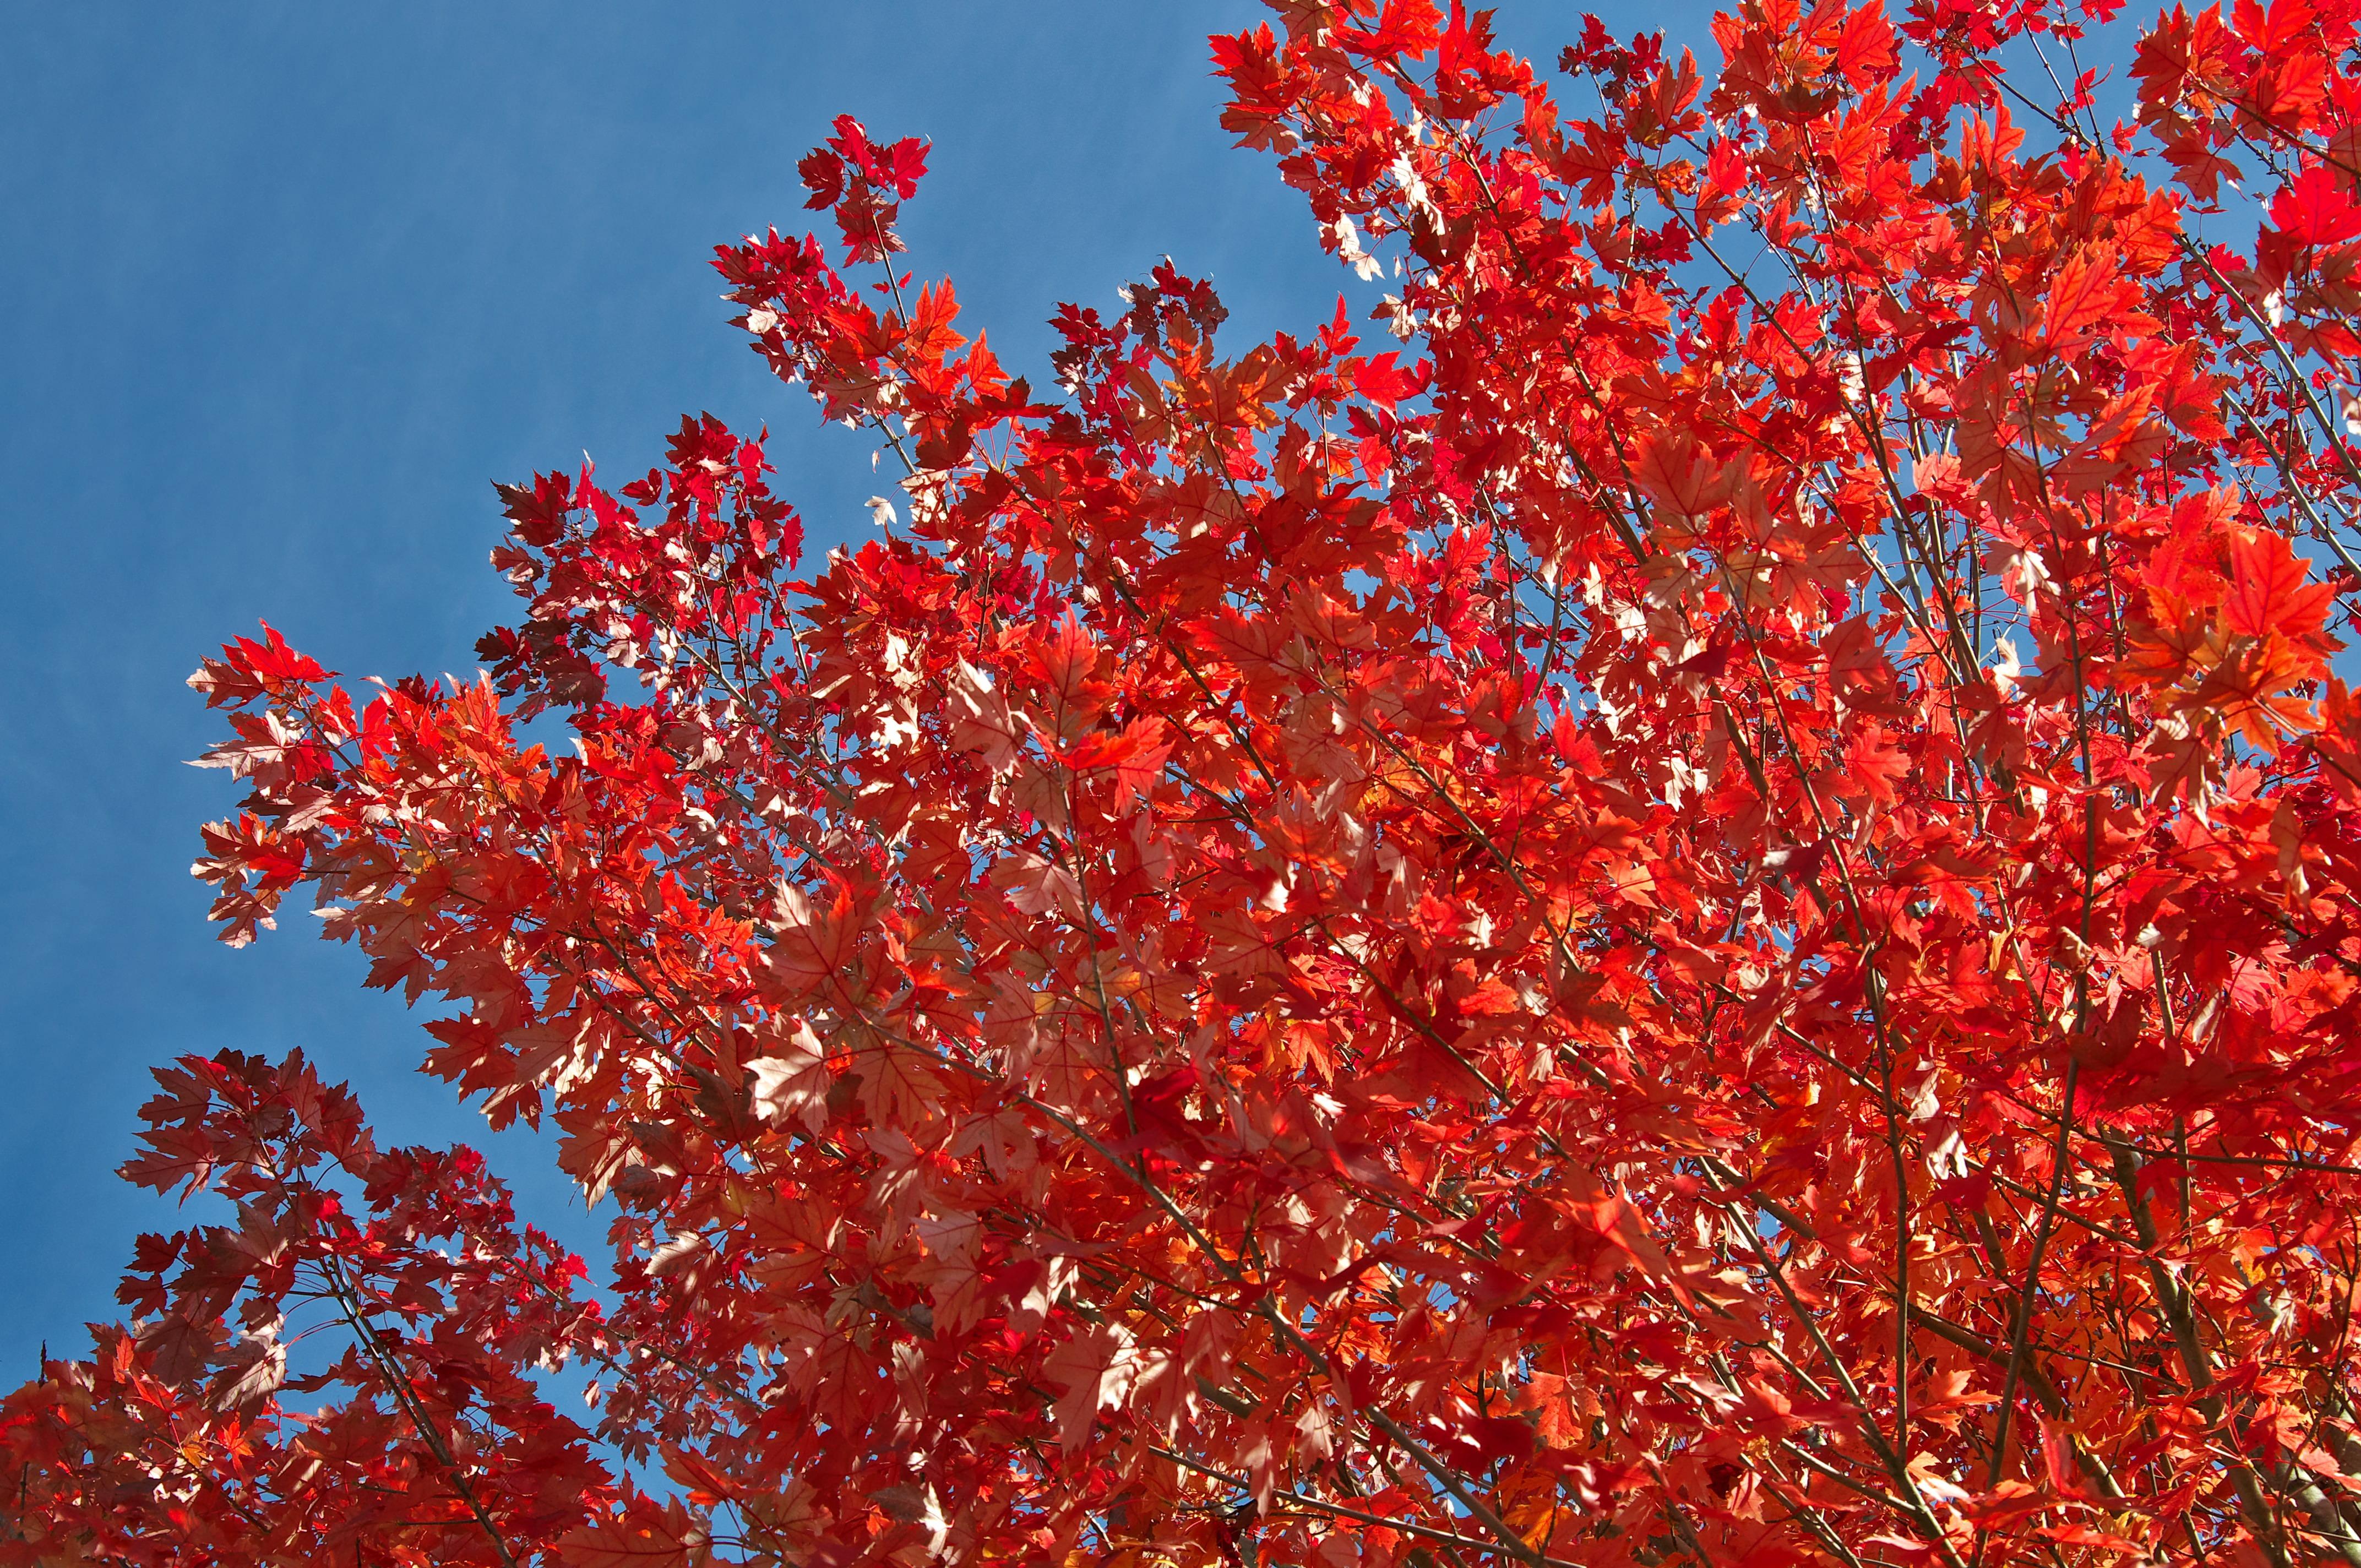 images gratuites arbre branche fleur plante ciel printemps rouge l 39 automne bleu. Black Bedroom Furniture Sets. Home Design Ideas